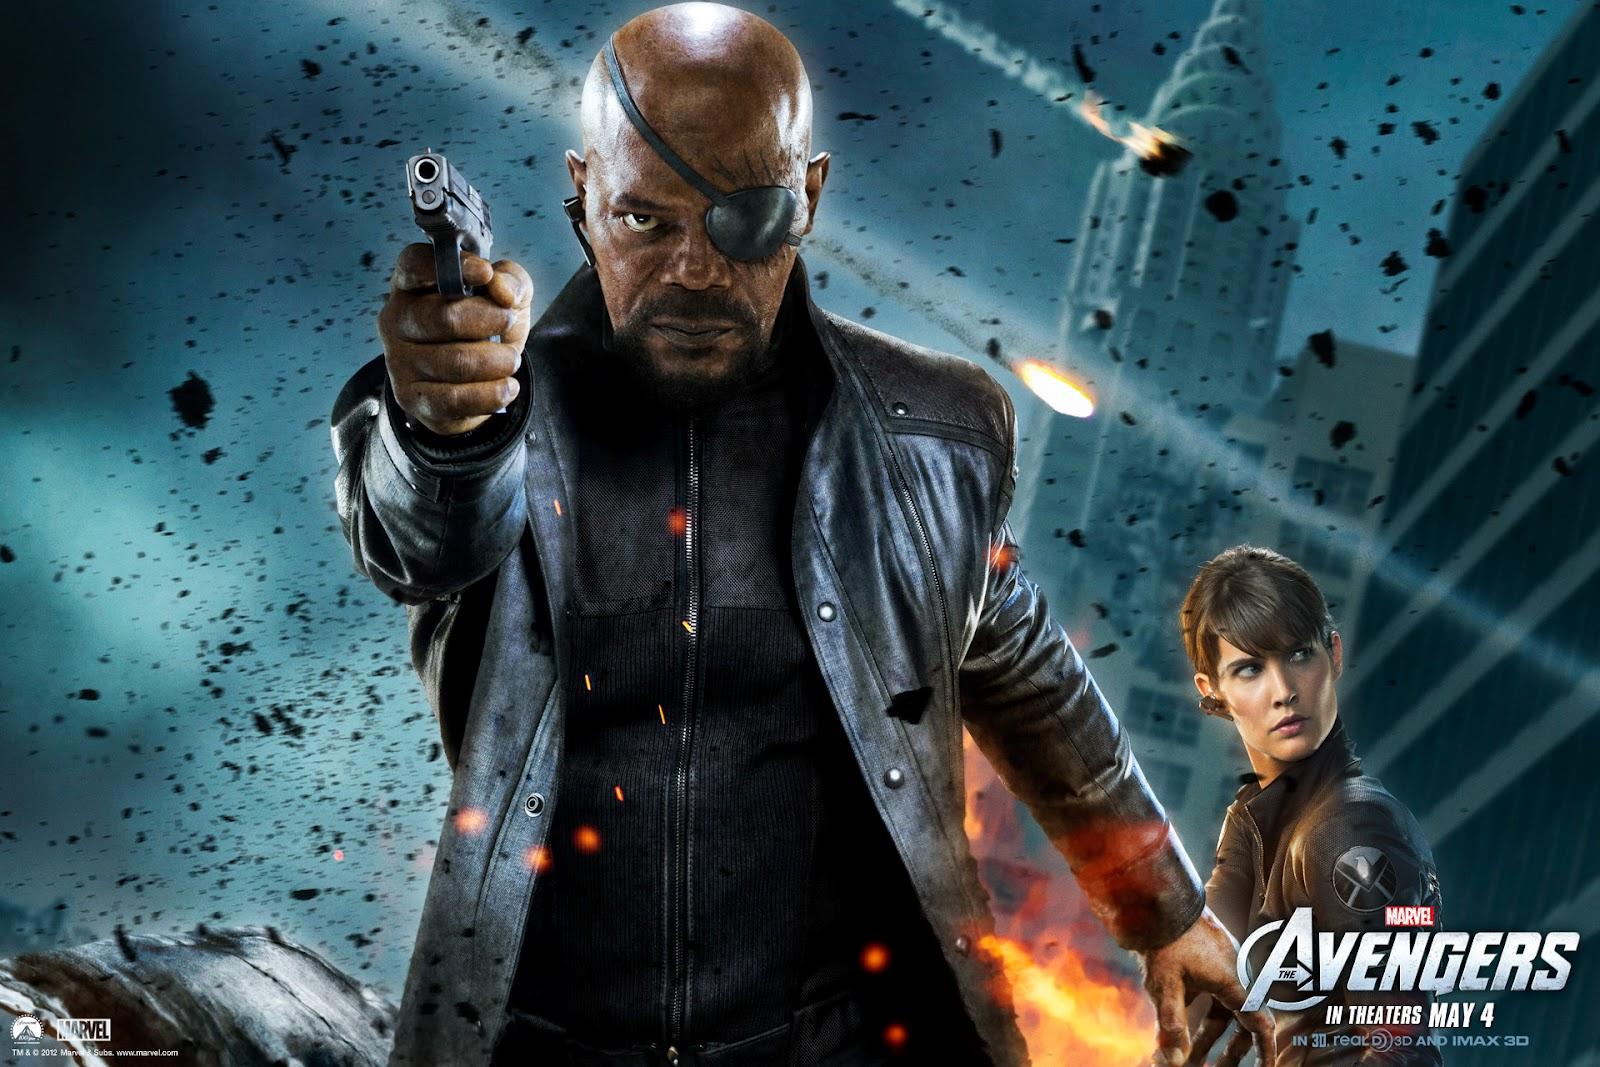 http://2.bp.blogspot.com/-r6AWnh0NKQ4/T5wrnRQz-lI/AAAAAAAAB_8/D5GEphVrfV8/s1600/Samuel_L._Jackson_in_The_Avengers_Wallpaper_8_1024.jpg